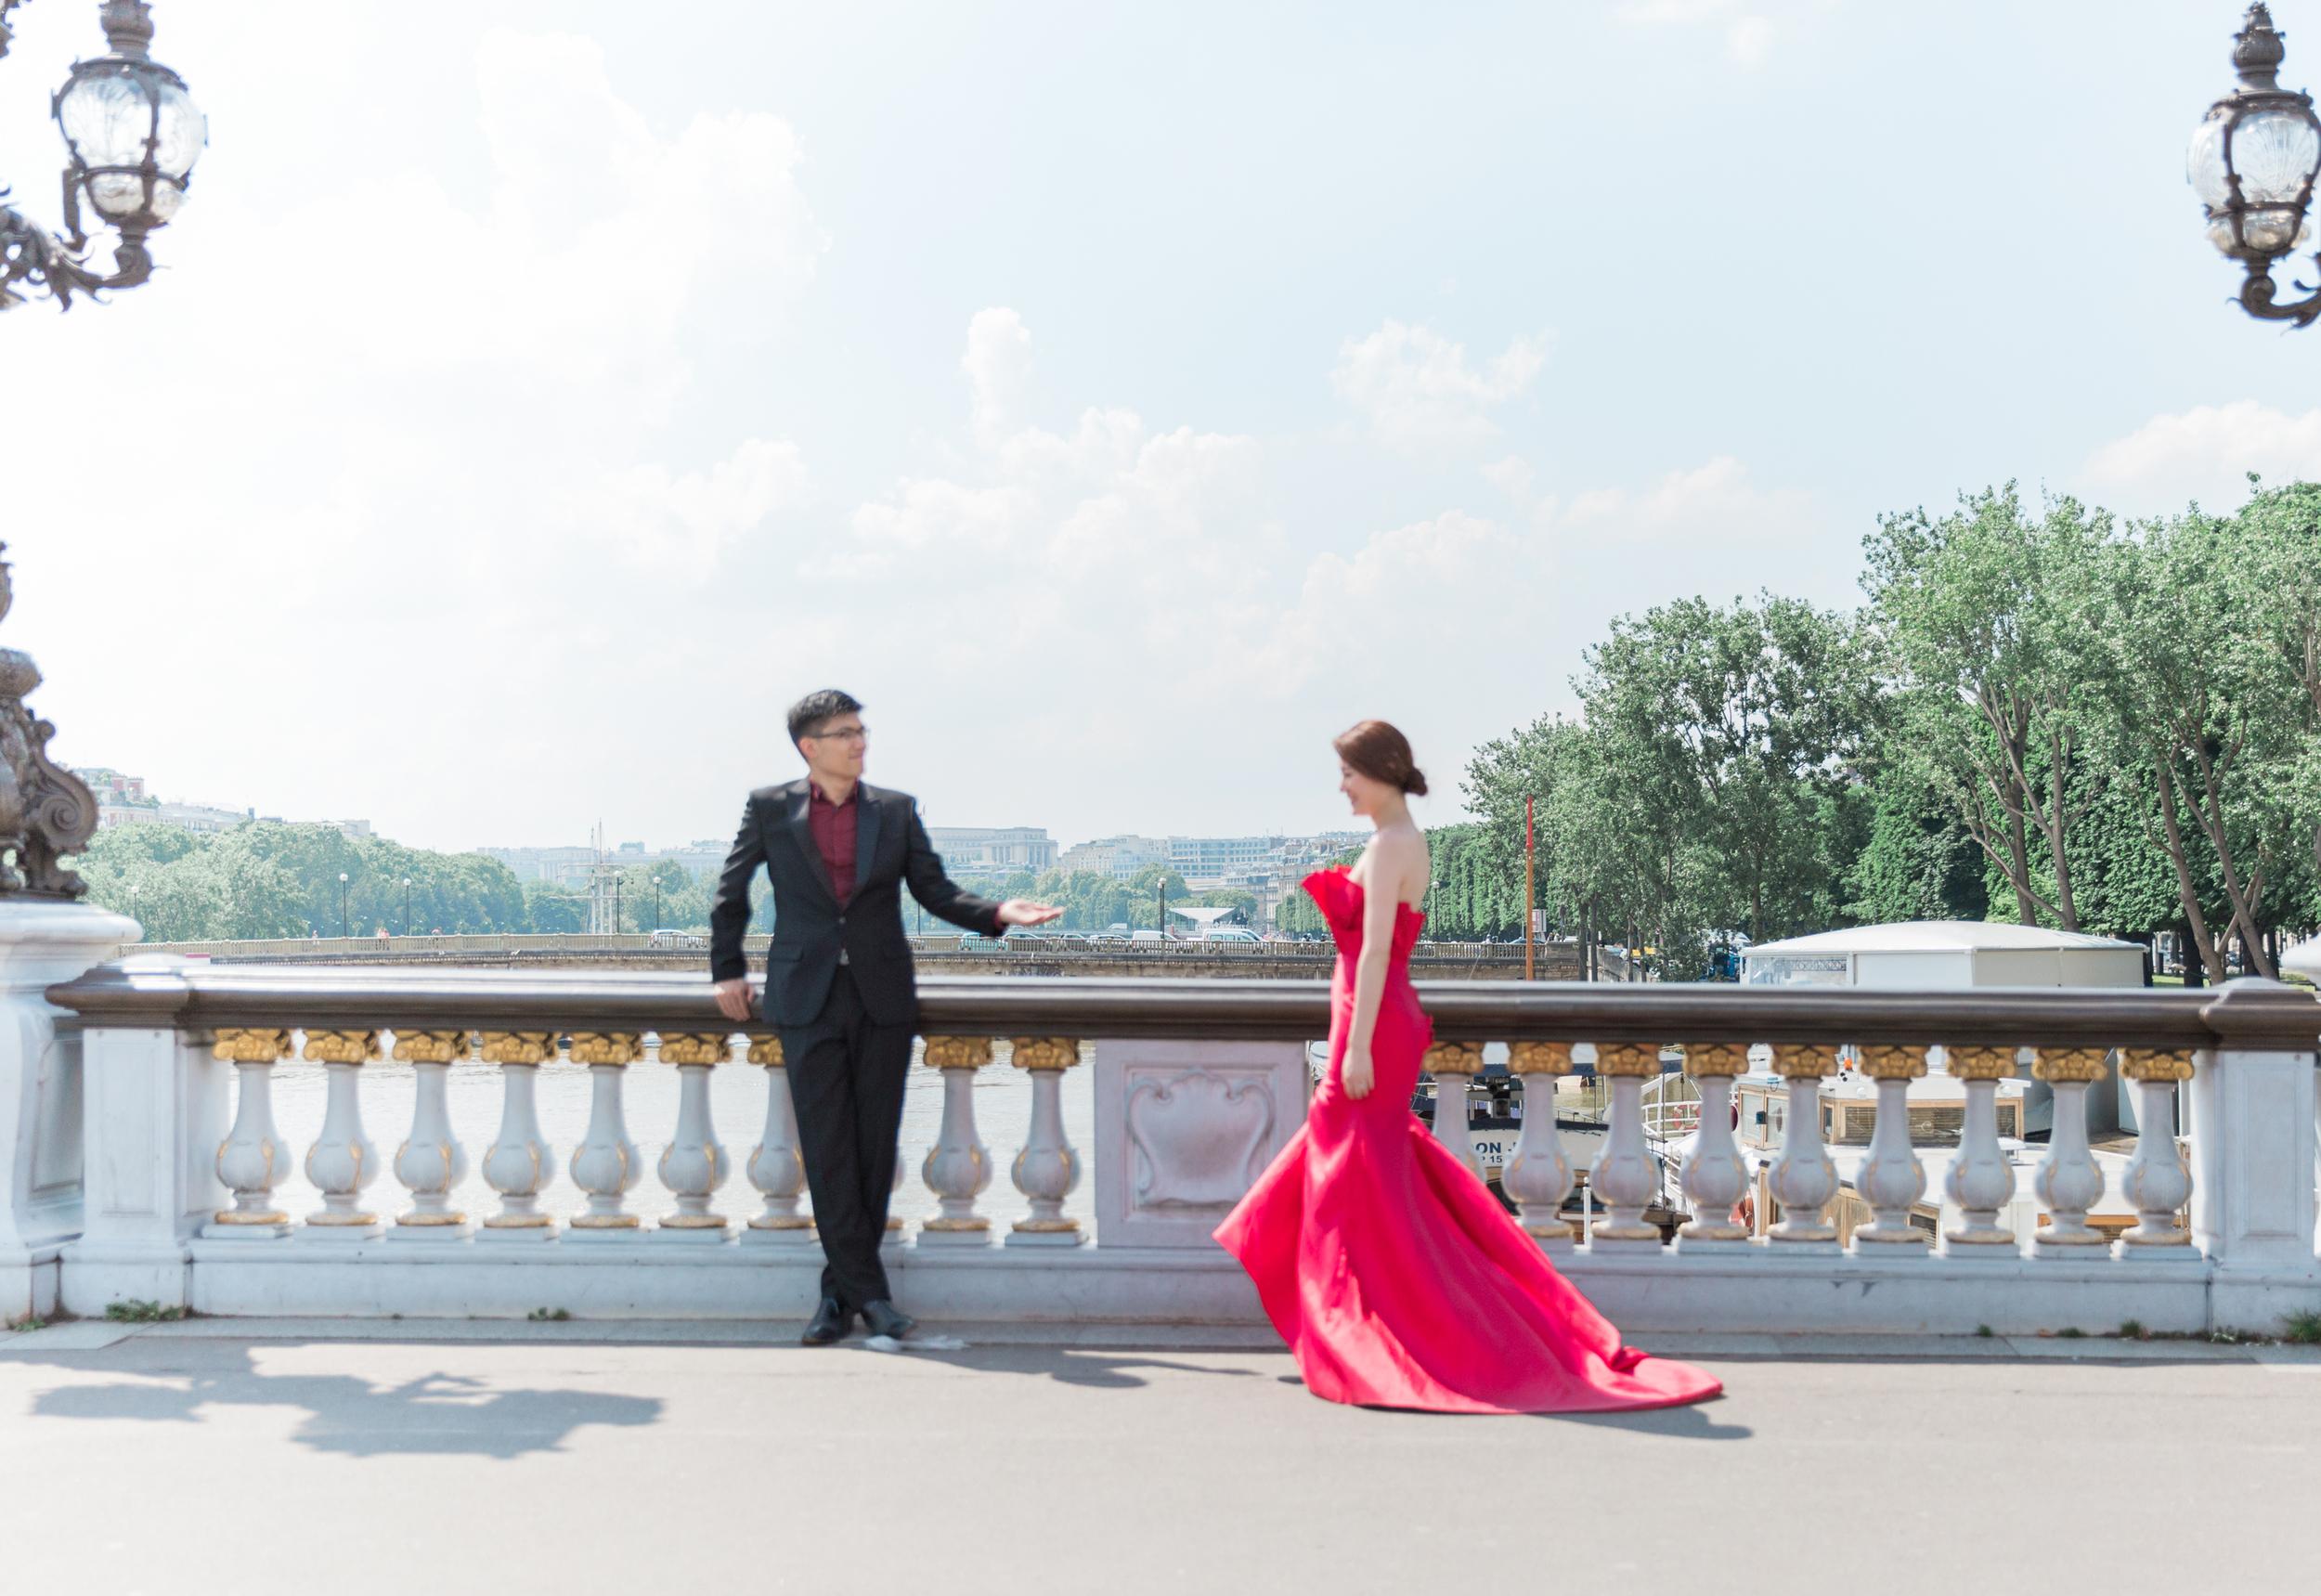 Paris France Engagement Photography